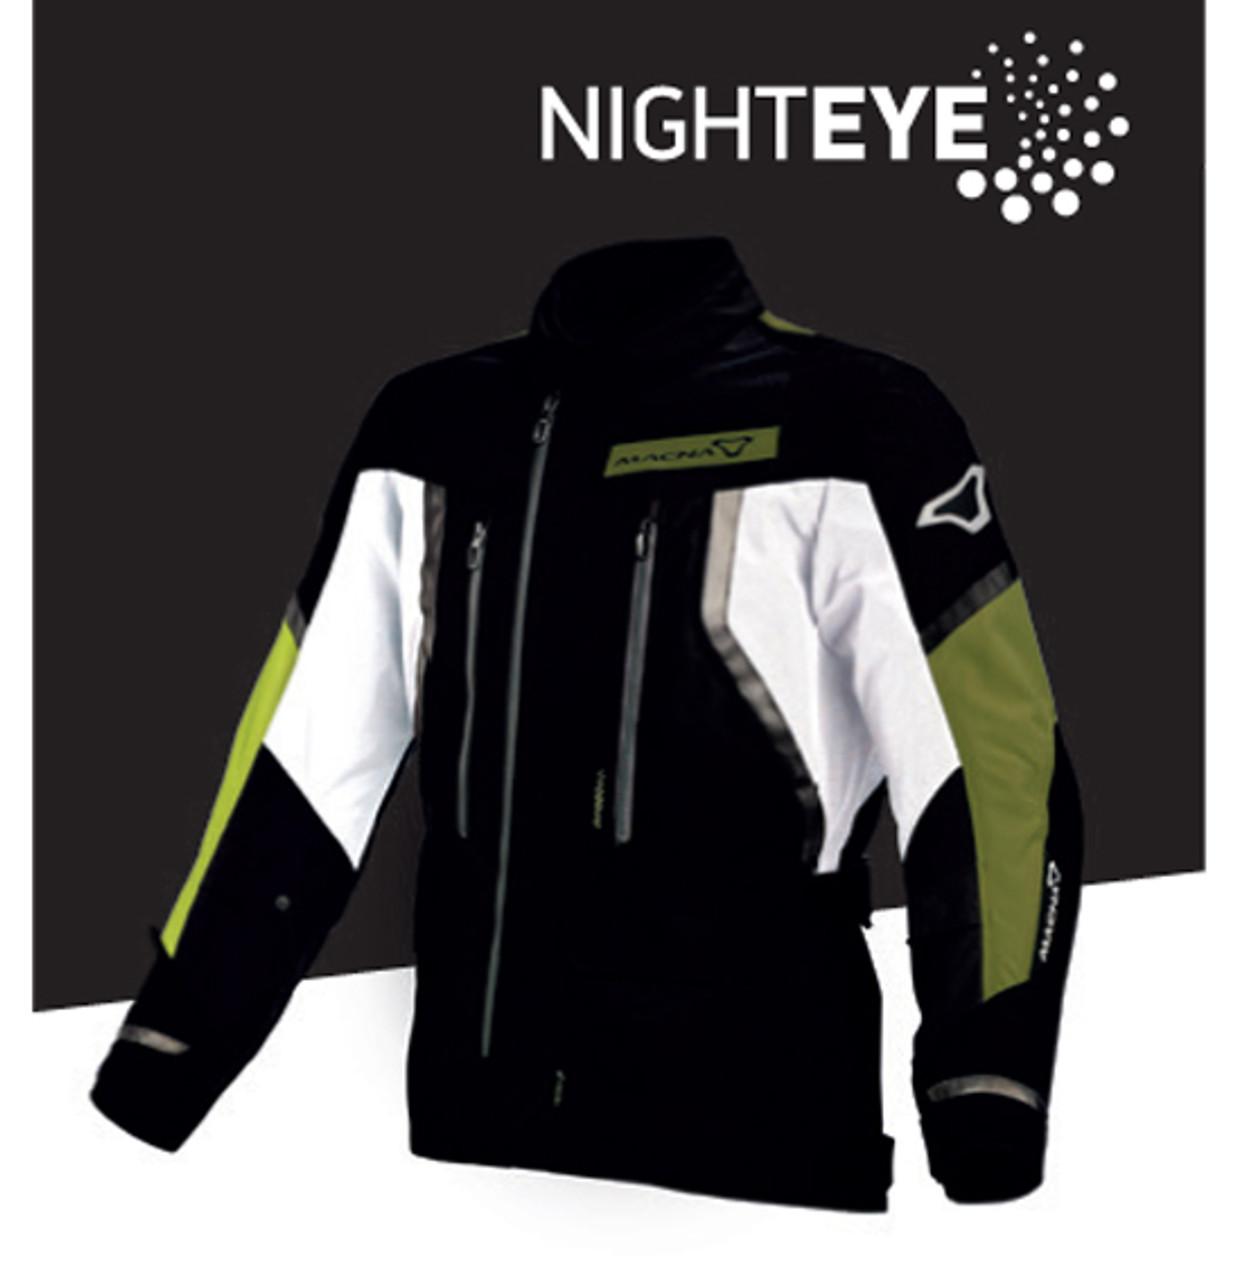 Macna Epitude Motorcycle Jacket - Men, Waterproof, Black / Night Eye / Yellow